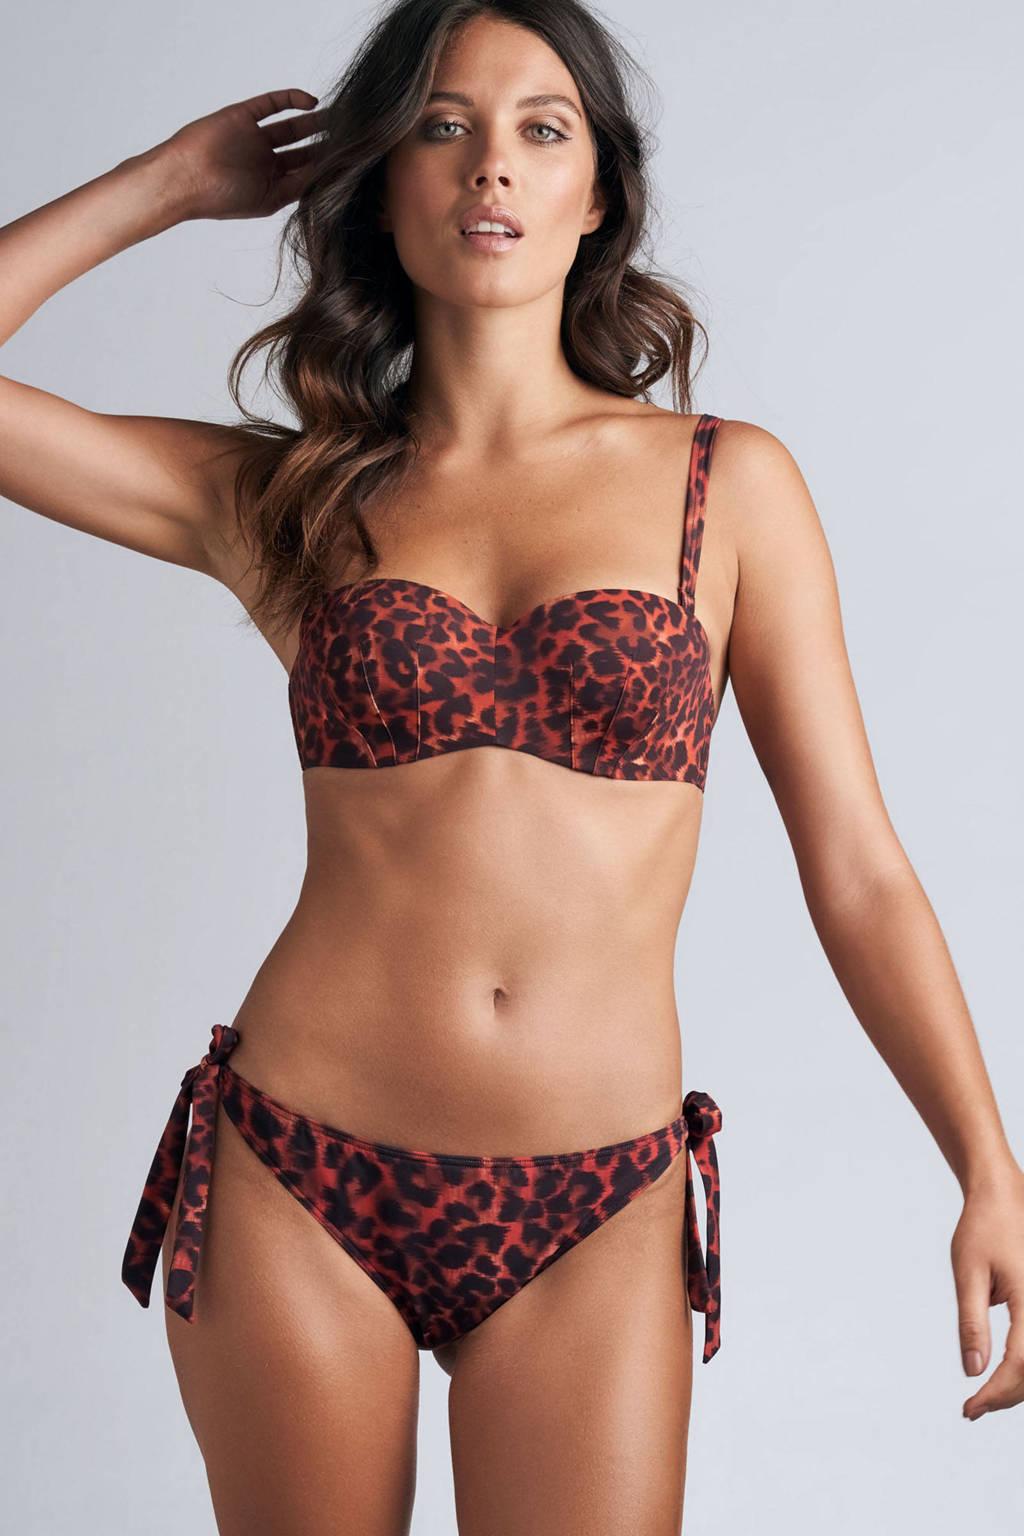 marlies dekkers strapless beugel bikinitop Panthera rood/zwart, Rood/zwart